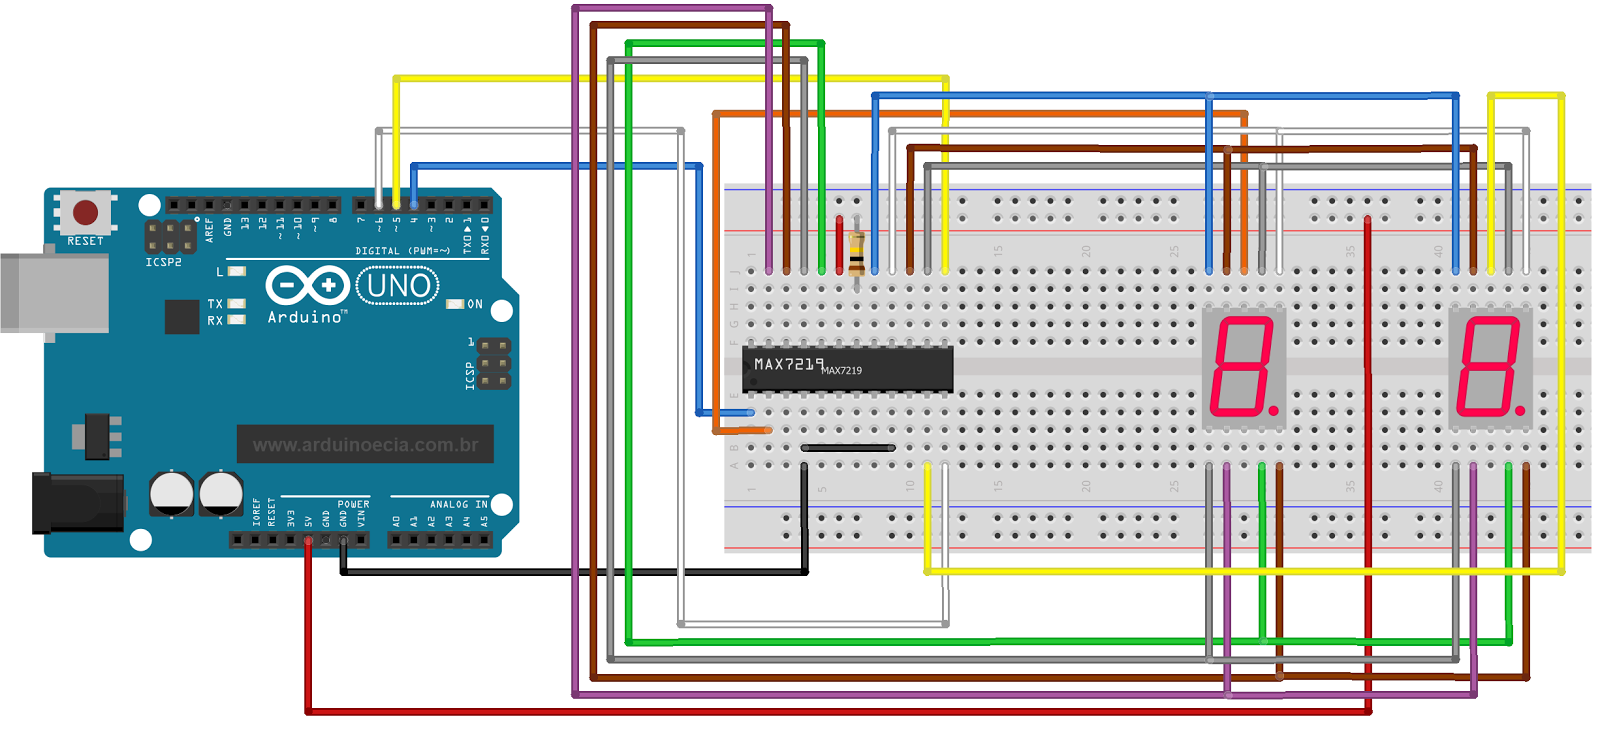 Circuito Max7219 e 2 displays 7 segmentos